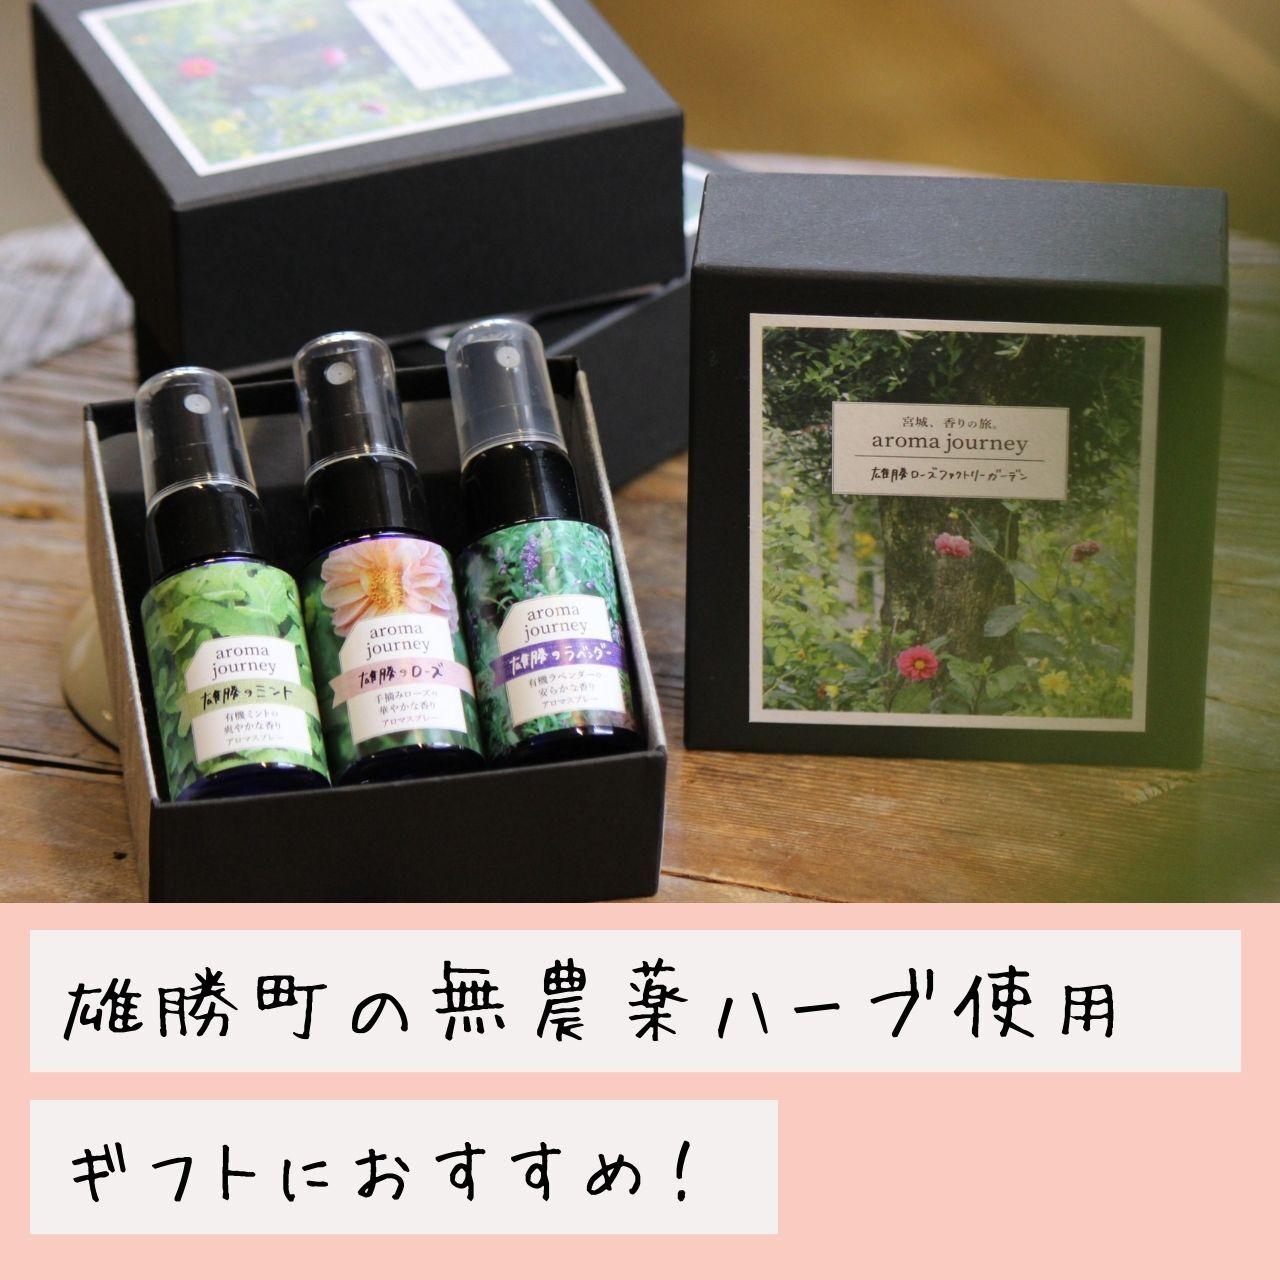 天然マスクスプレーセット「aroma journey」アロマギフトボックス